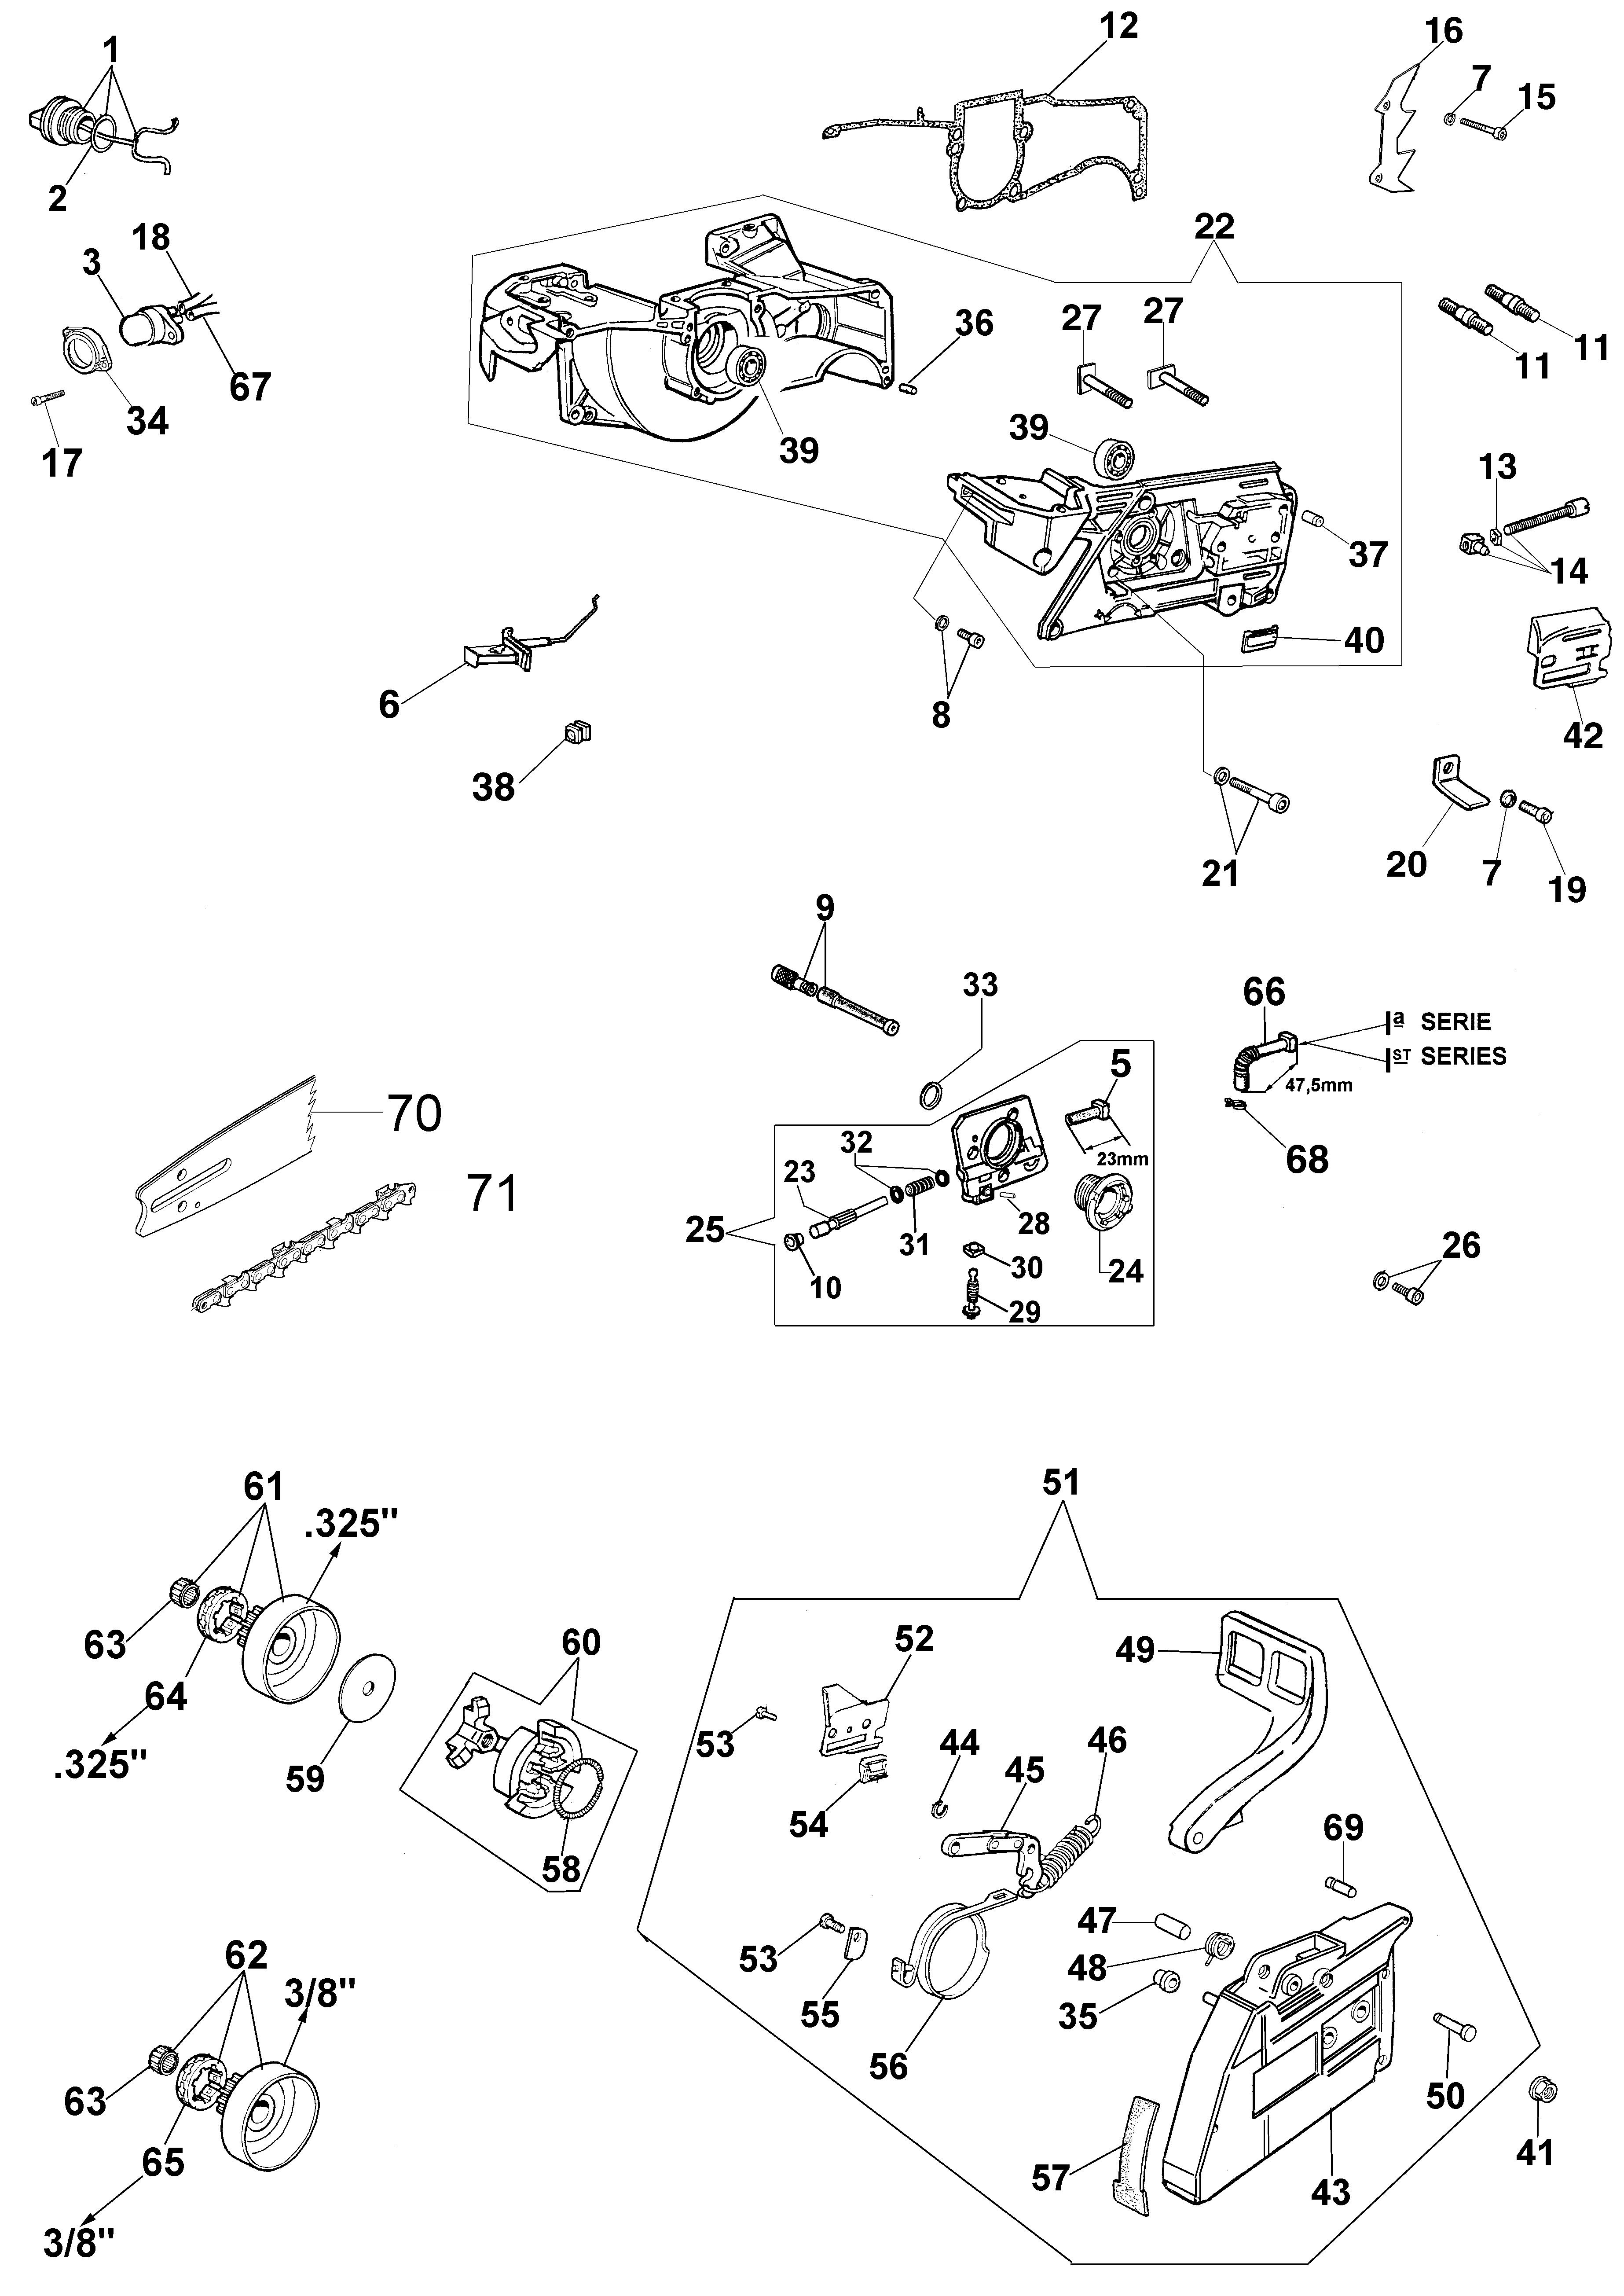 962 Tronçonneuse oleomac Dessins pièces vue éclatée Carter moteur et frein